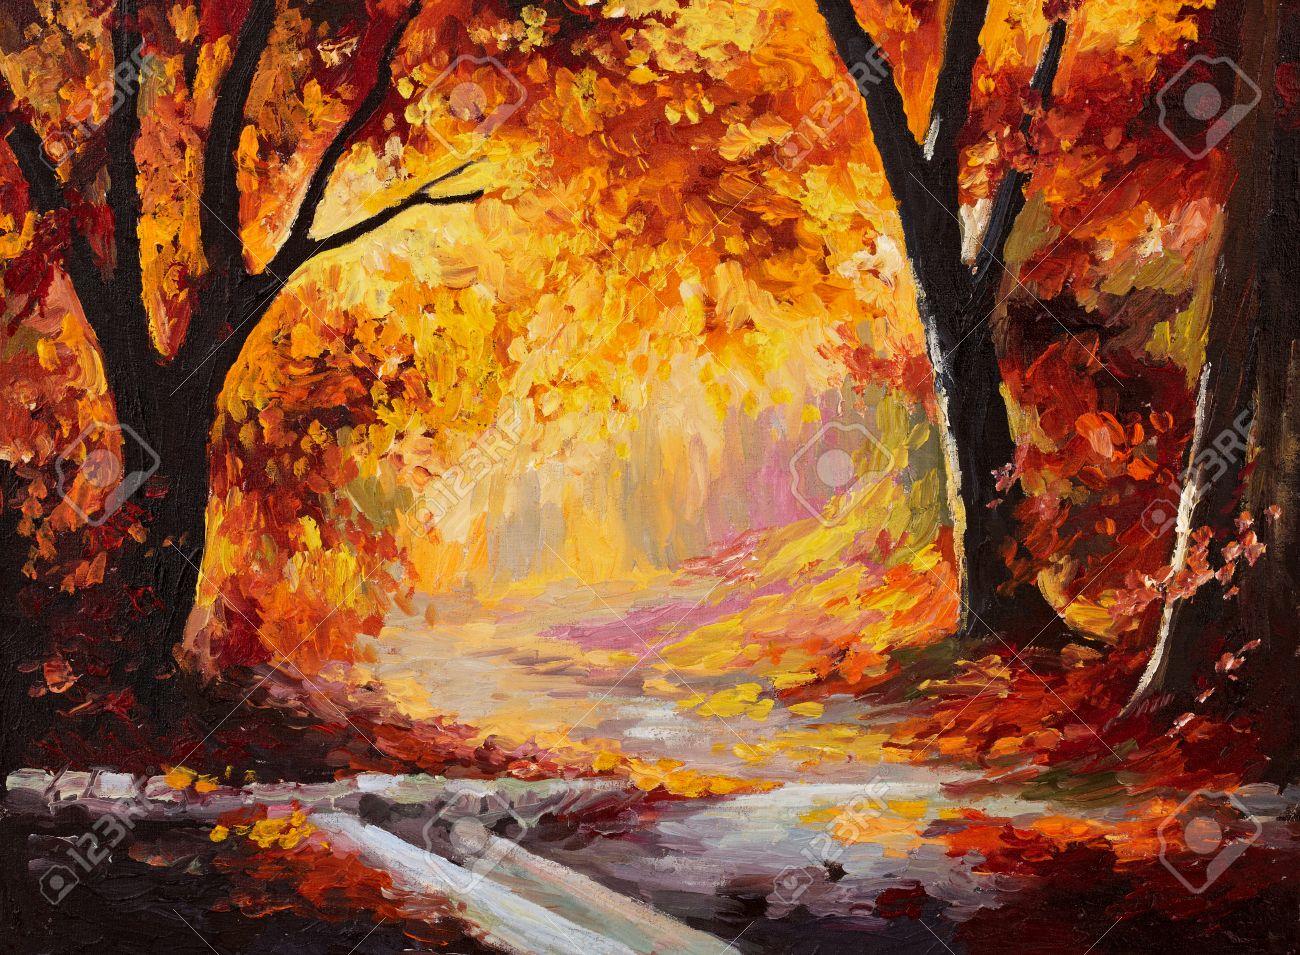 Peinture A L Huile Foret D Automne Les Feuilles Lumineuses